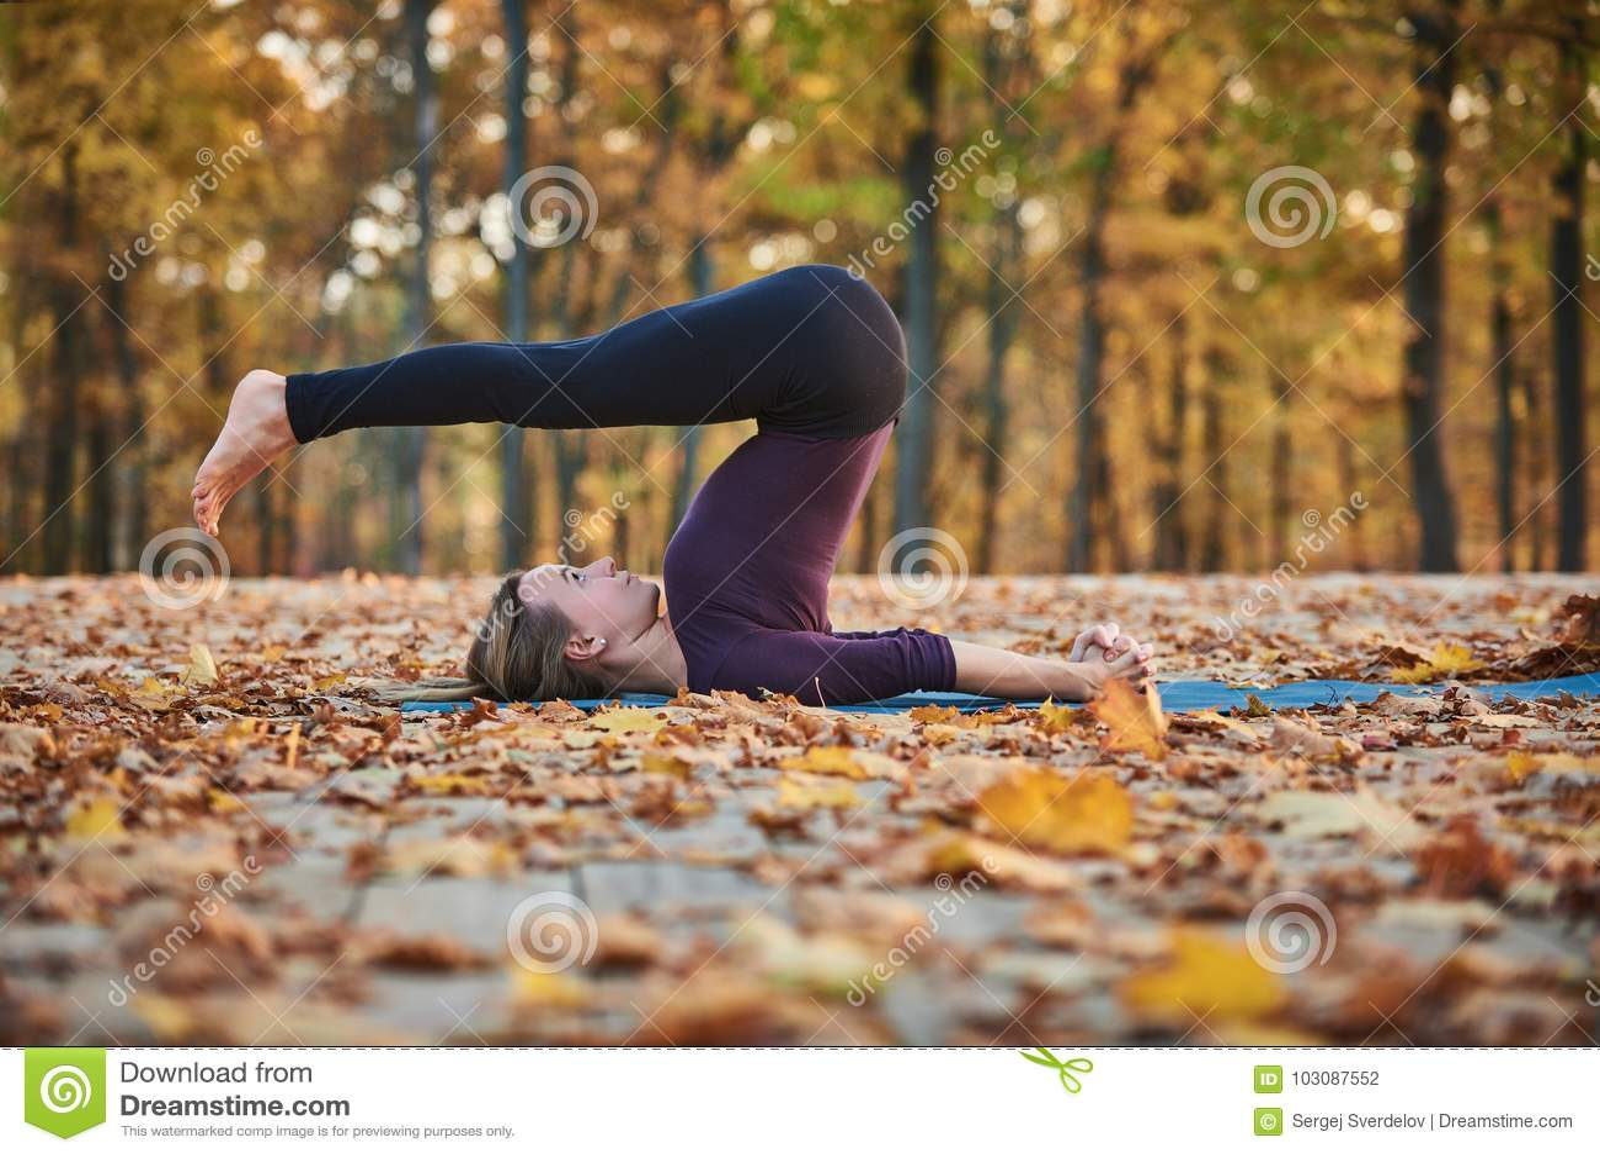 Το όμορφο νέο άροτρο Halasana asana γιόγκας πρακτικών γυναικών θέτει στην ξύλινη γέφυρα στο πάρκο φθινοπώρου